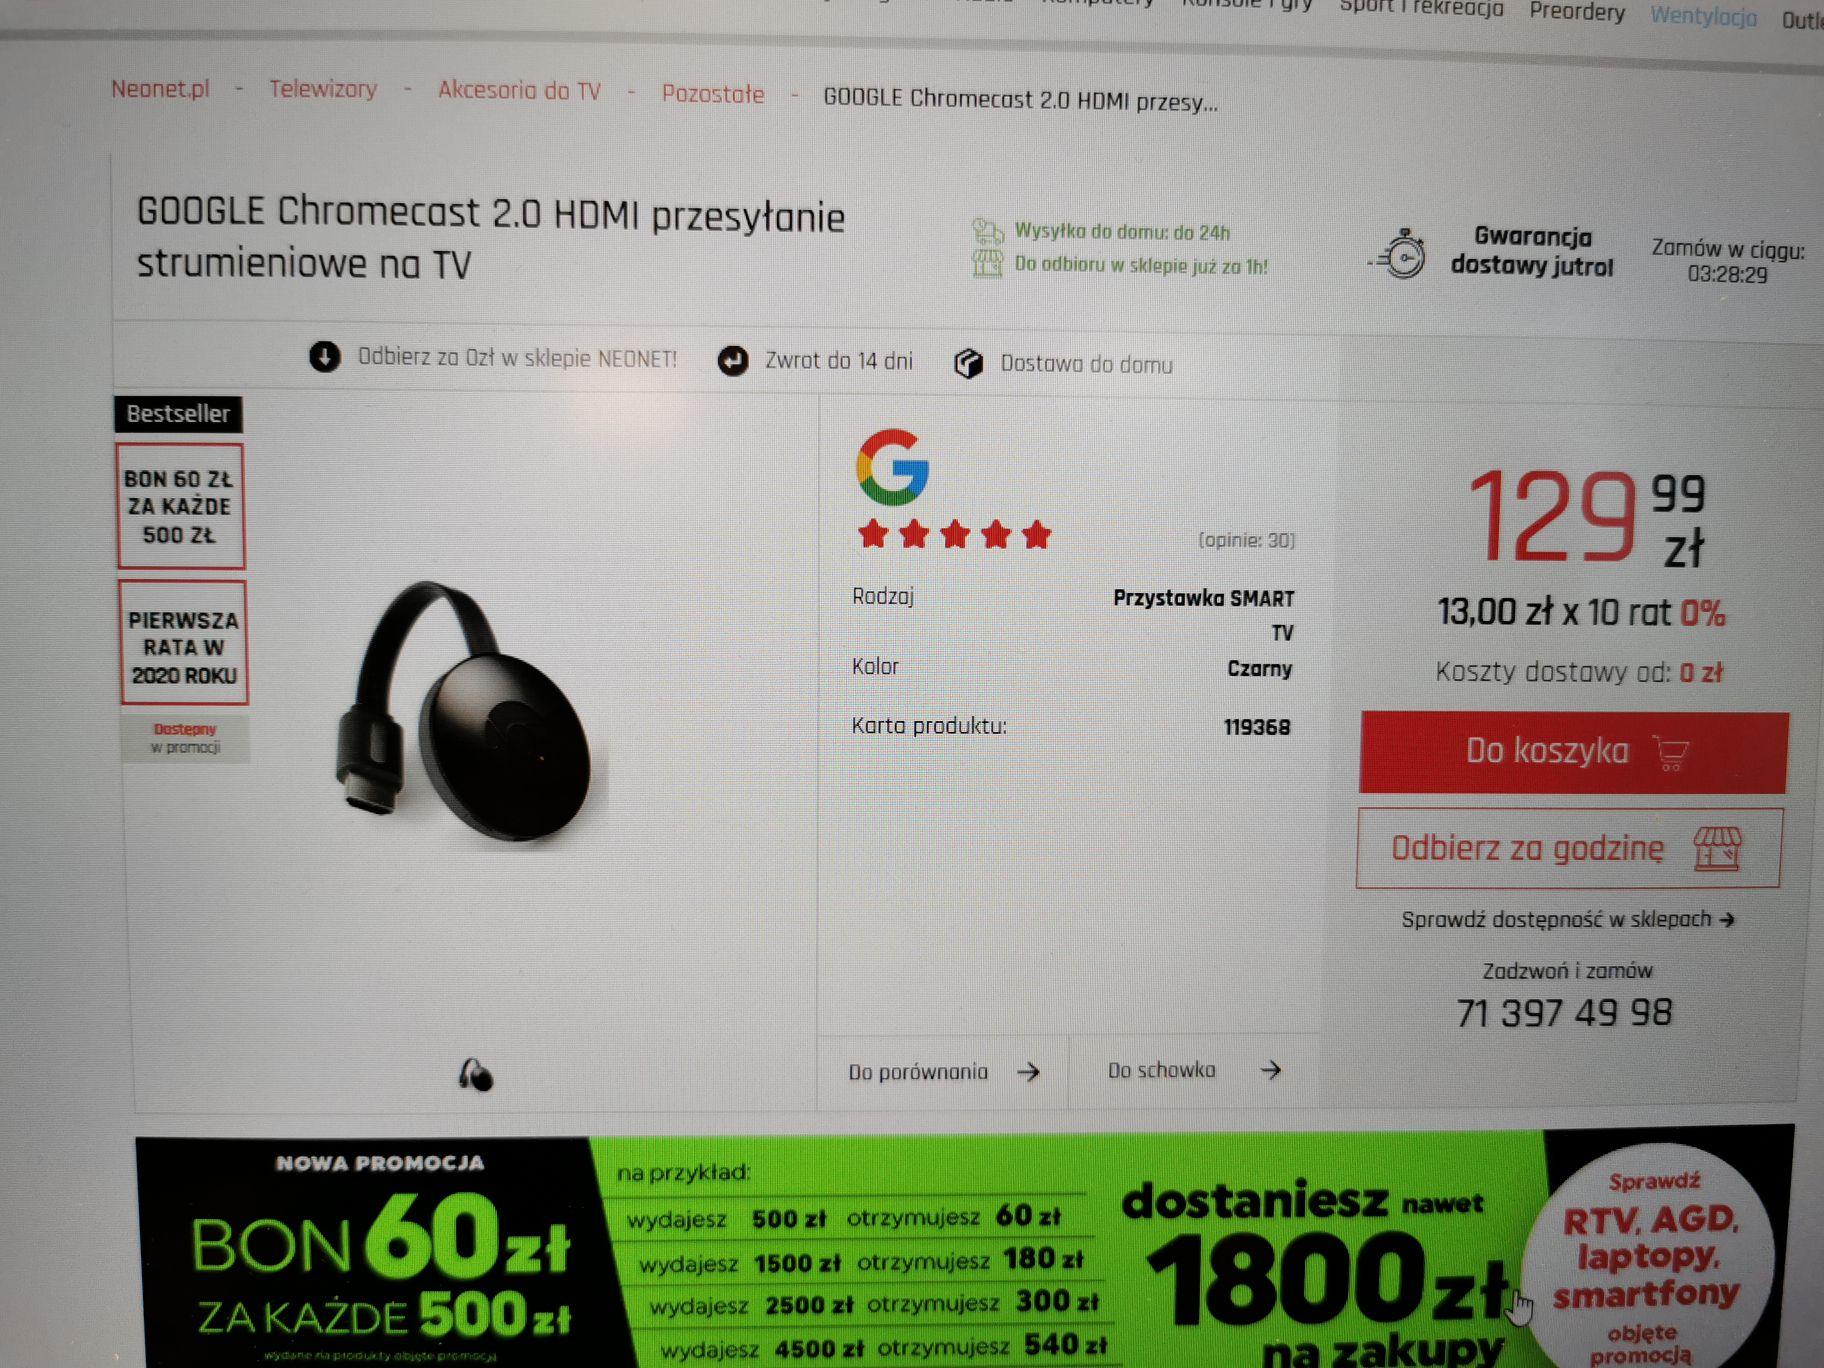 Google chromecast 2.0 Hdmi przesyłanie strumieniowe na tv netflix